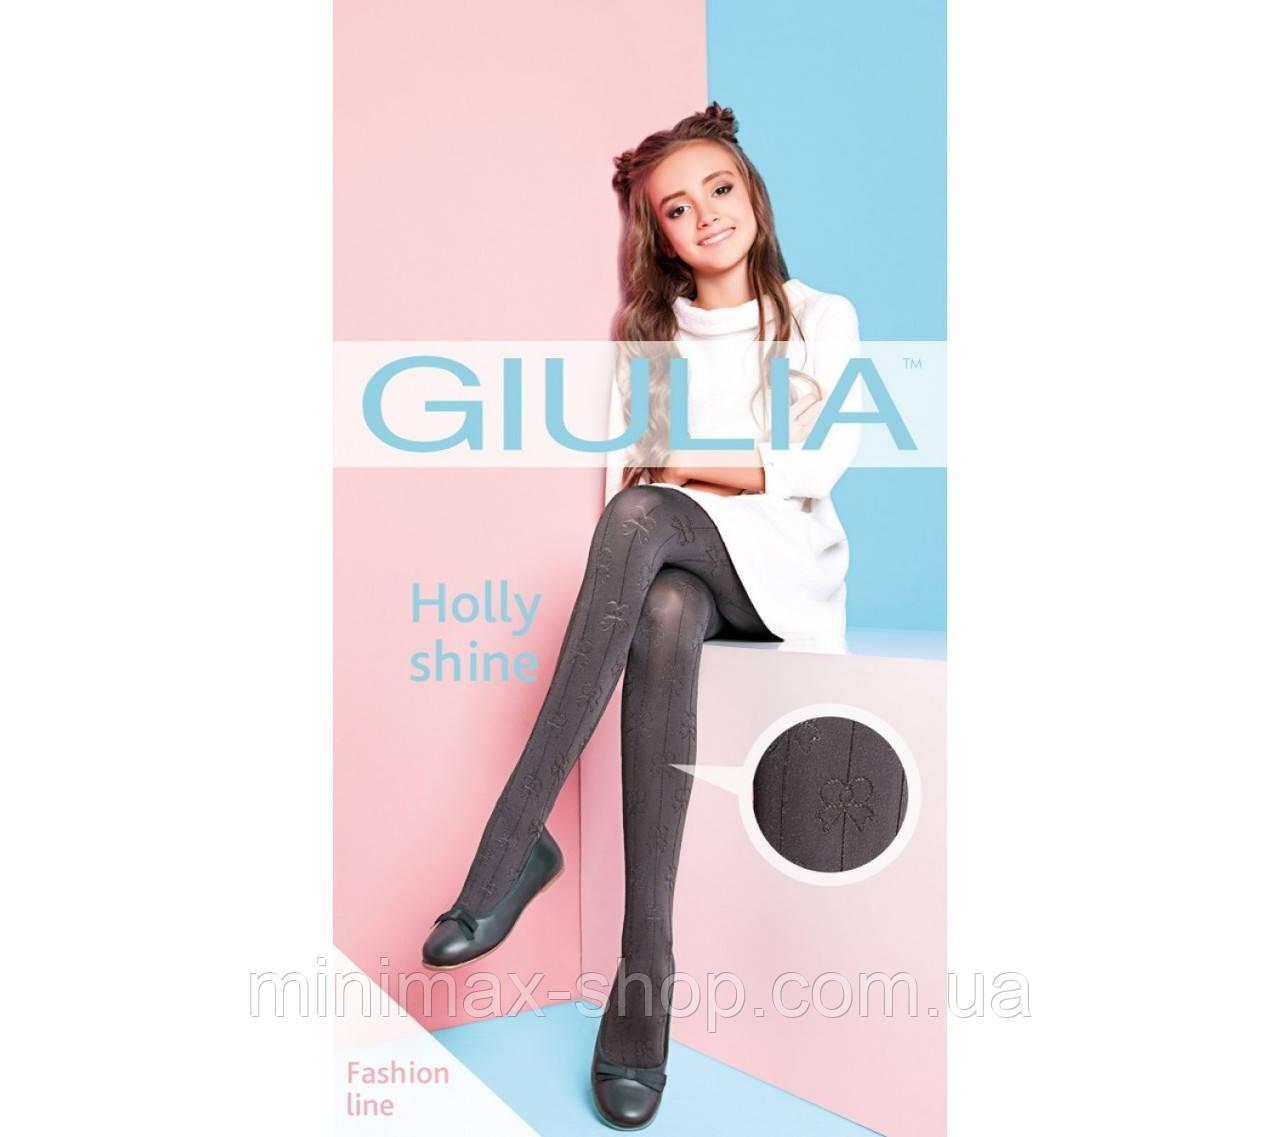 Колготки детские Джулия Holly Shine 80, модель 1